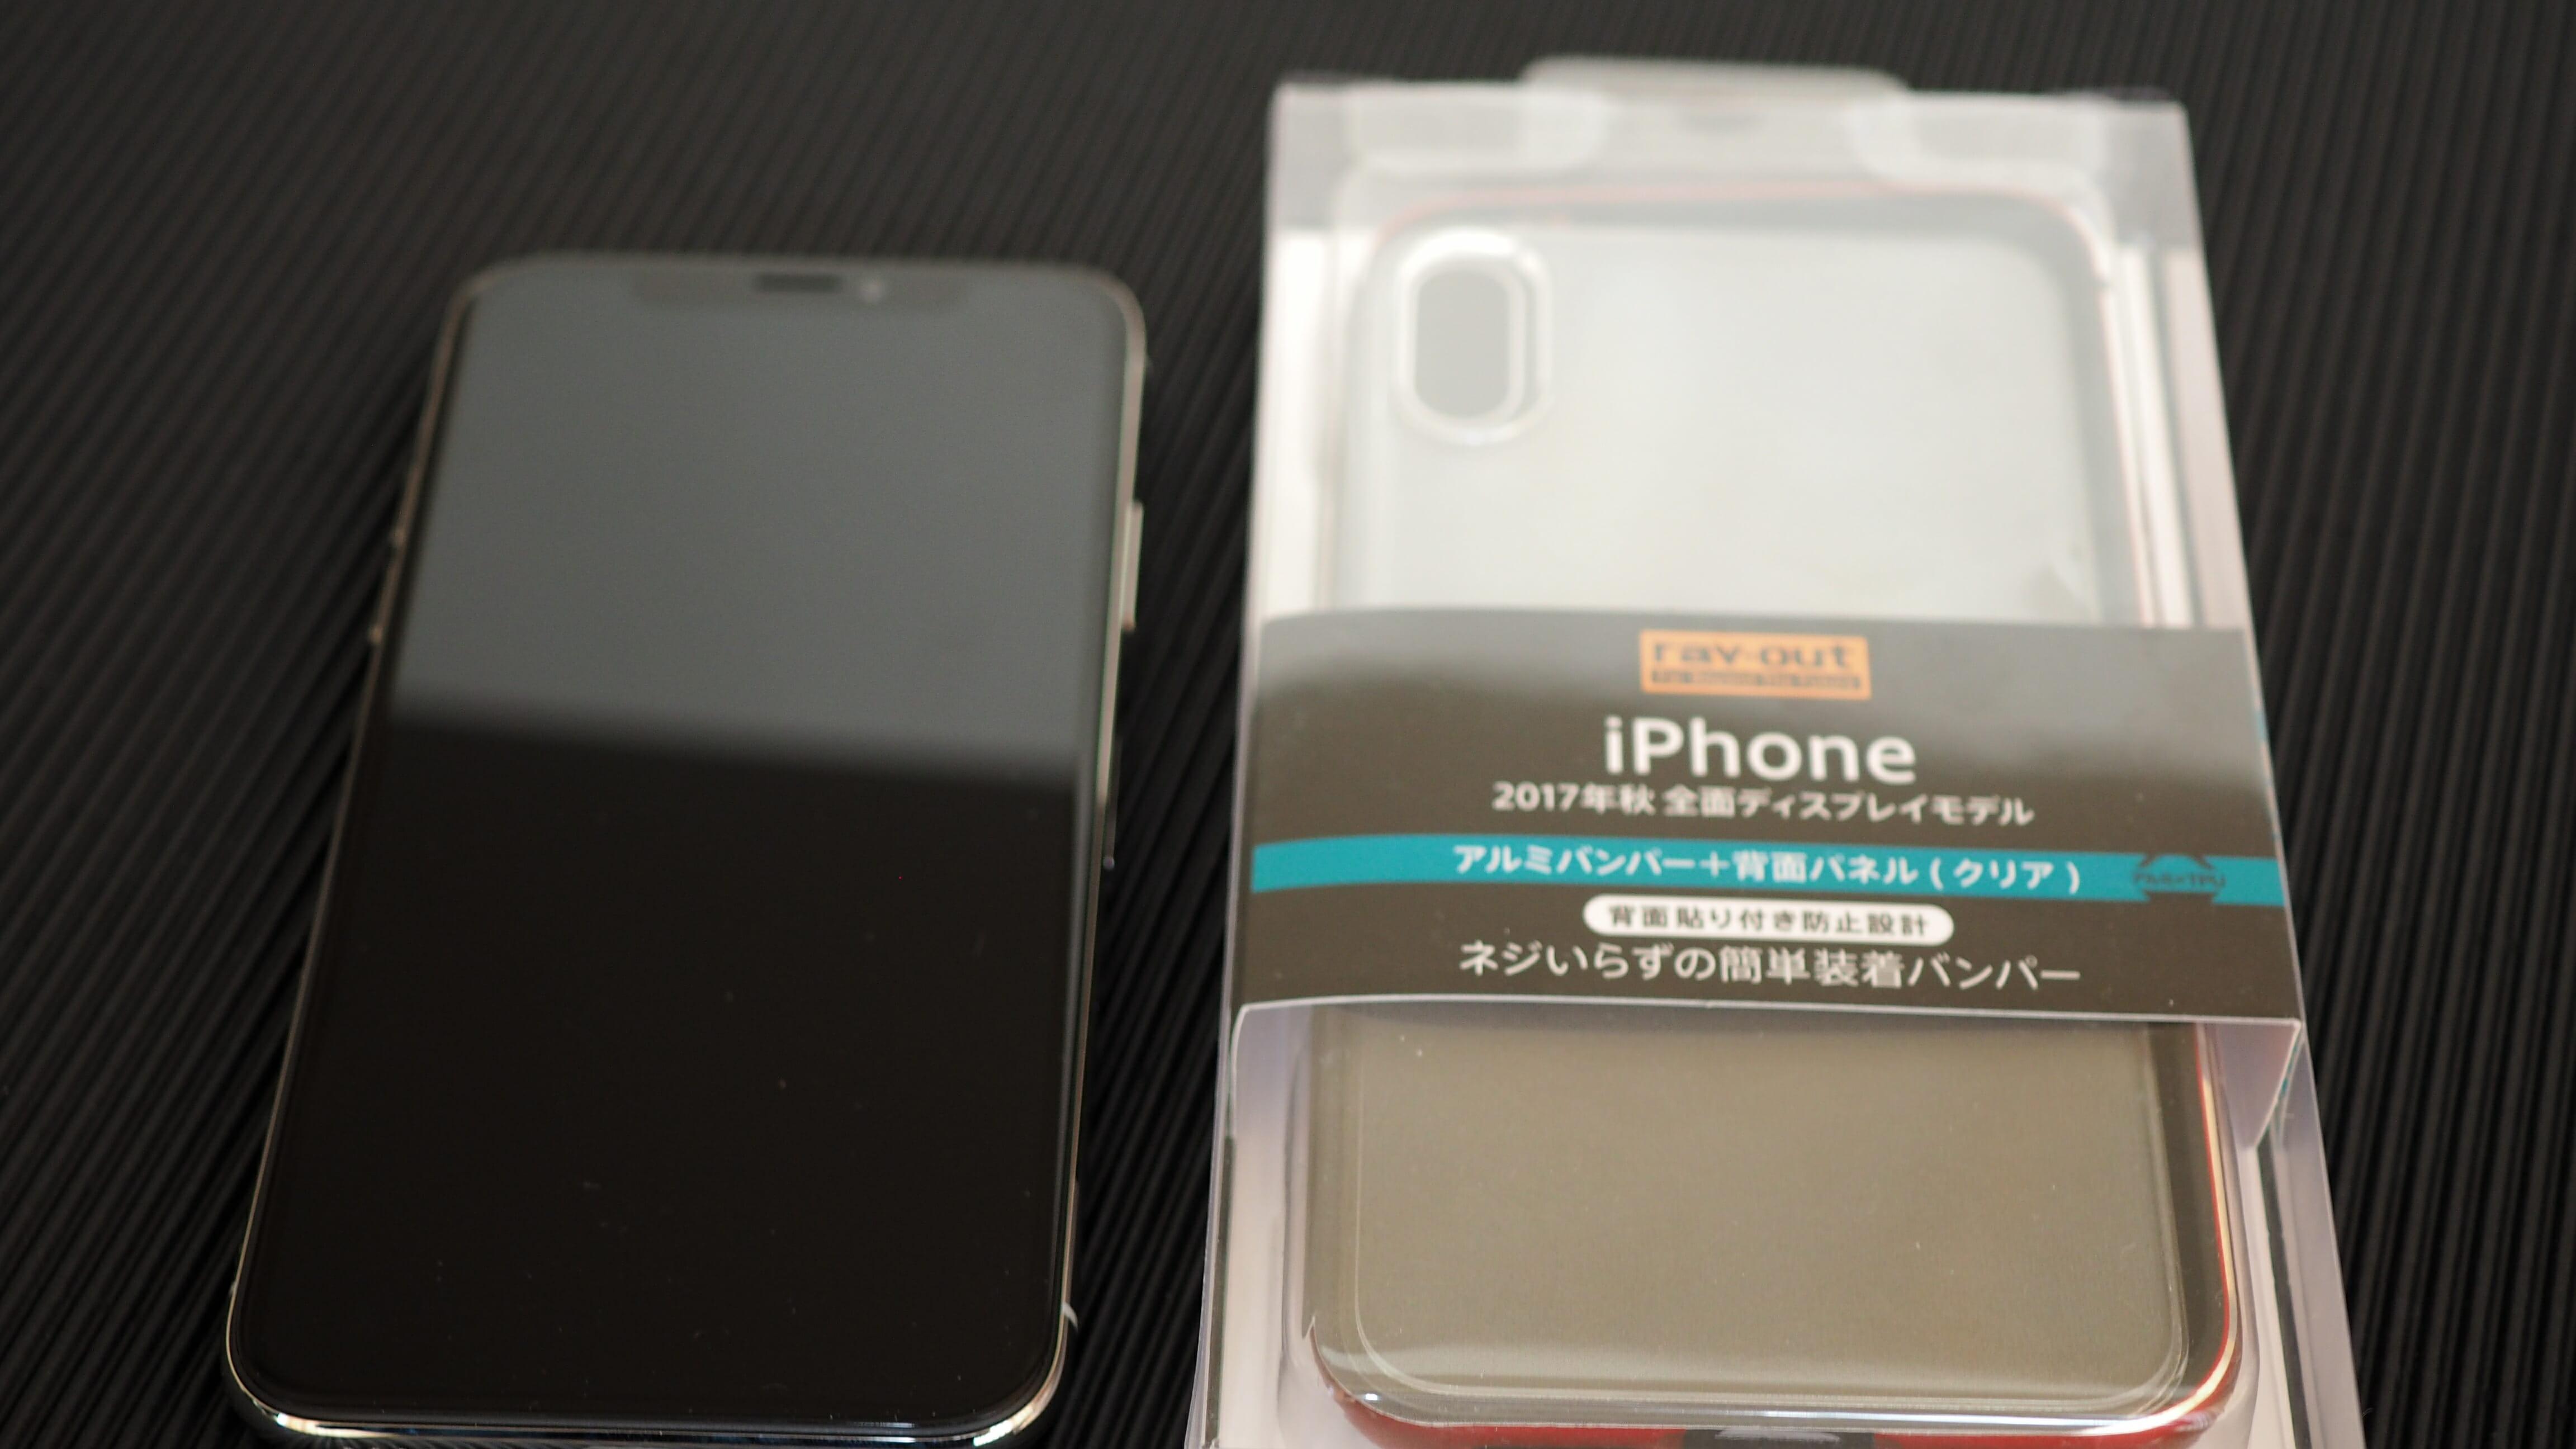 ac2757db87 iPhone X用ケース選び レイ・アウト iPhone X用 アルミバンパー+背面 ...